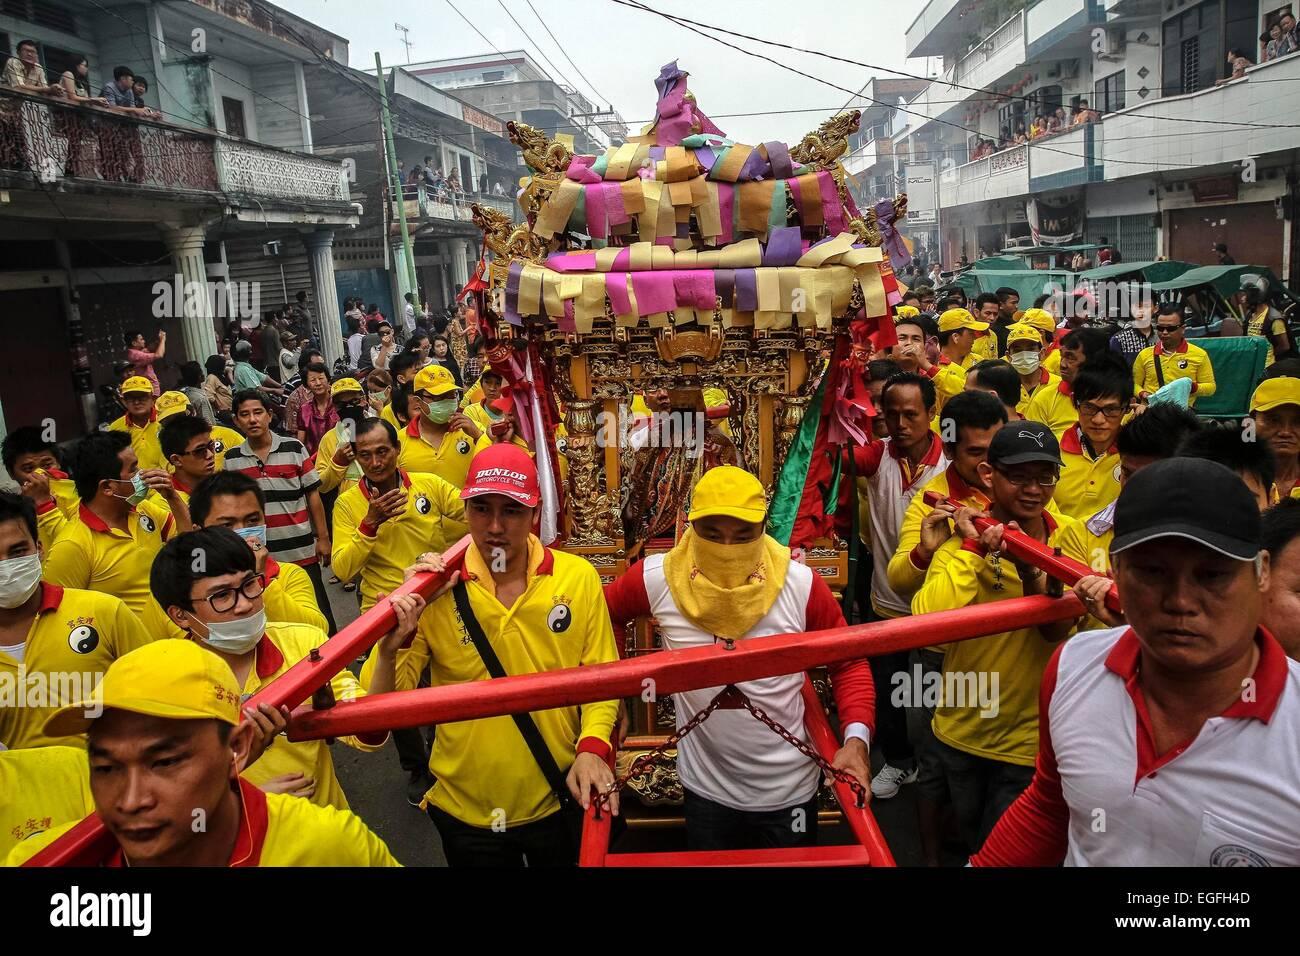 Riau, Indonesien. 24. Februar 2015. Indonesische Chinesen nehmen an ...